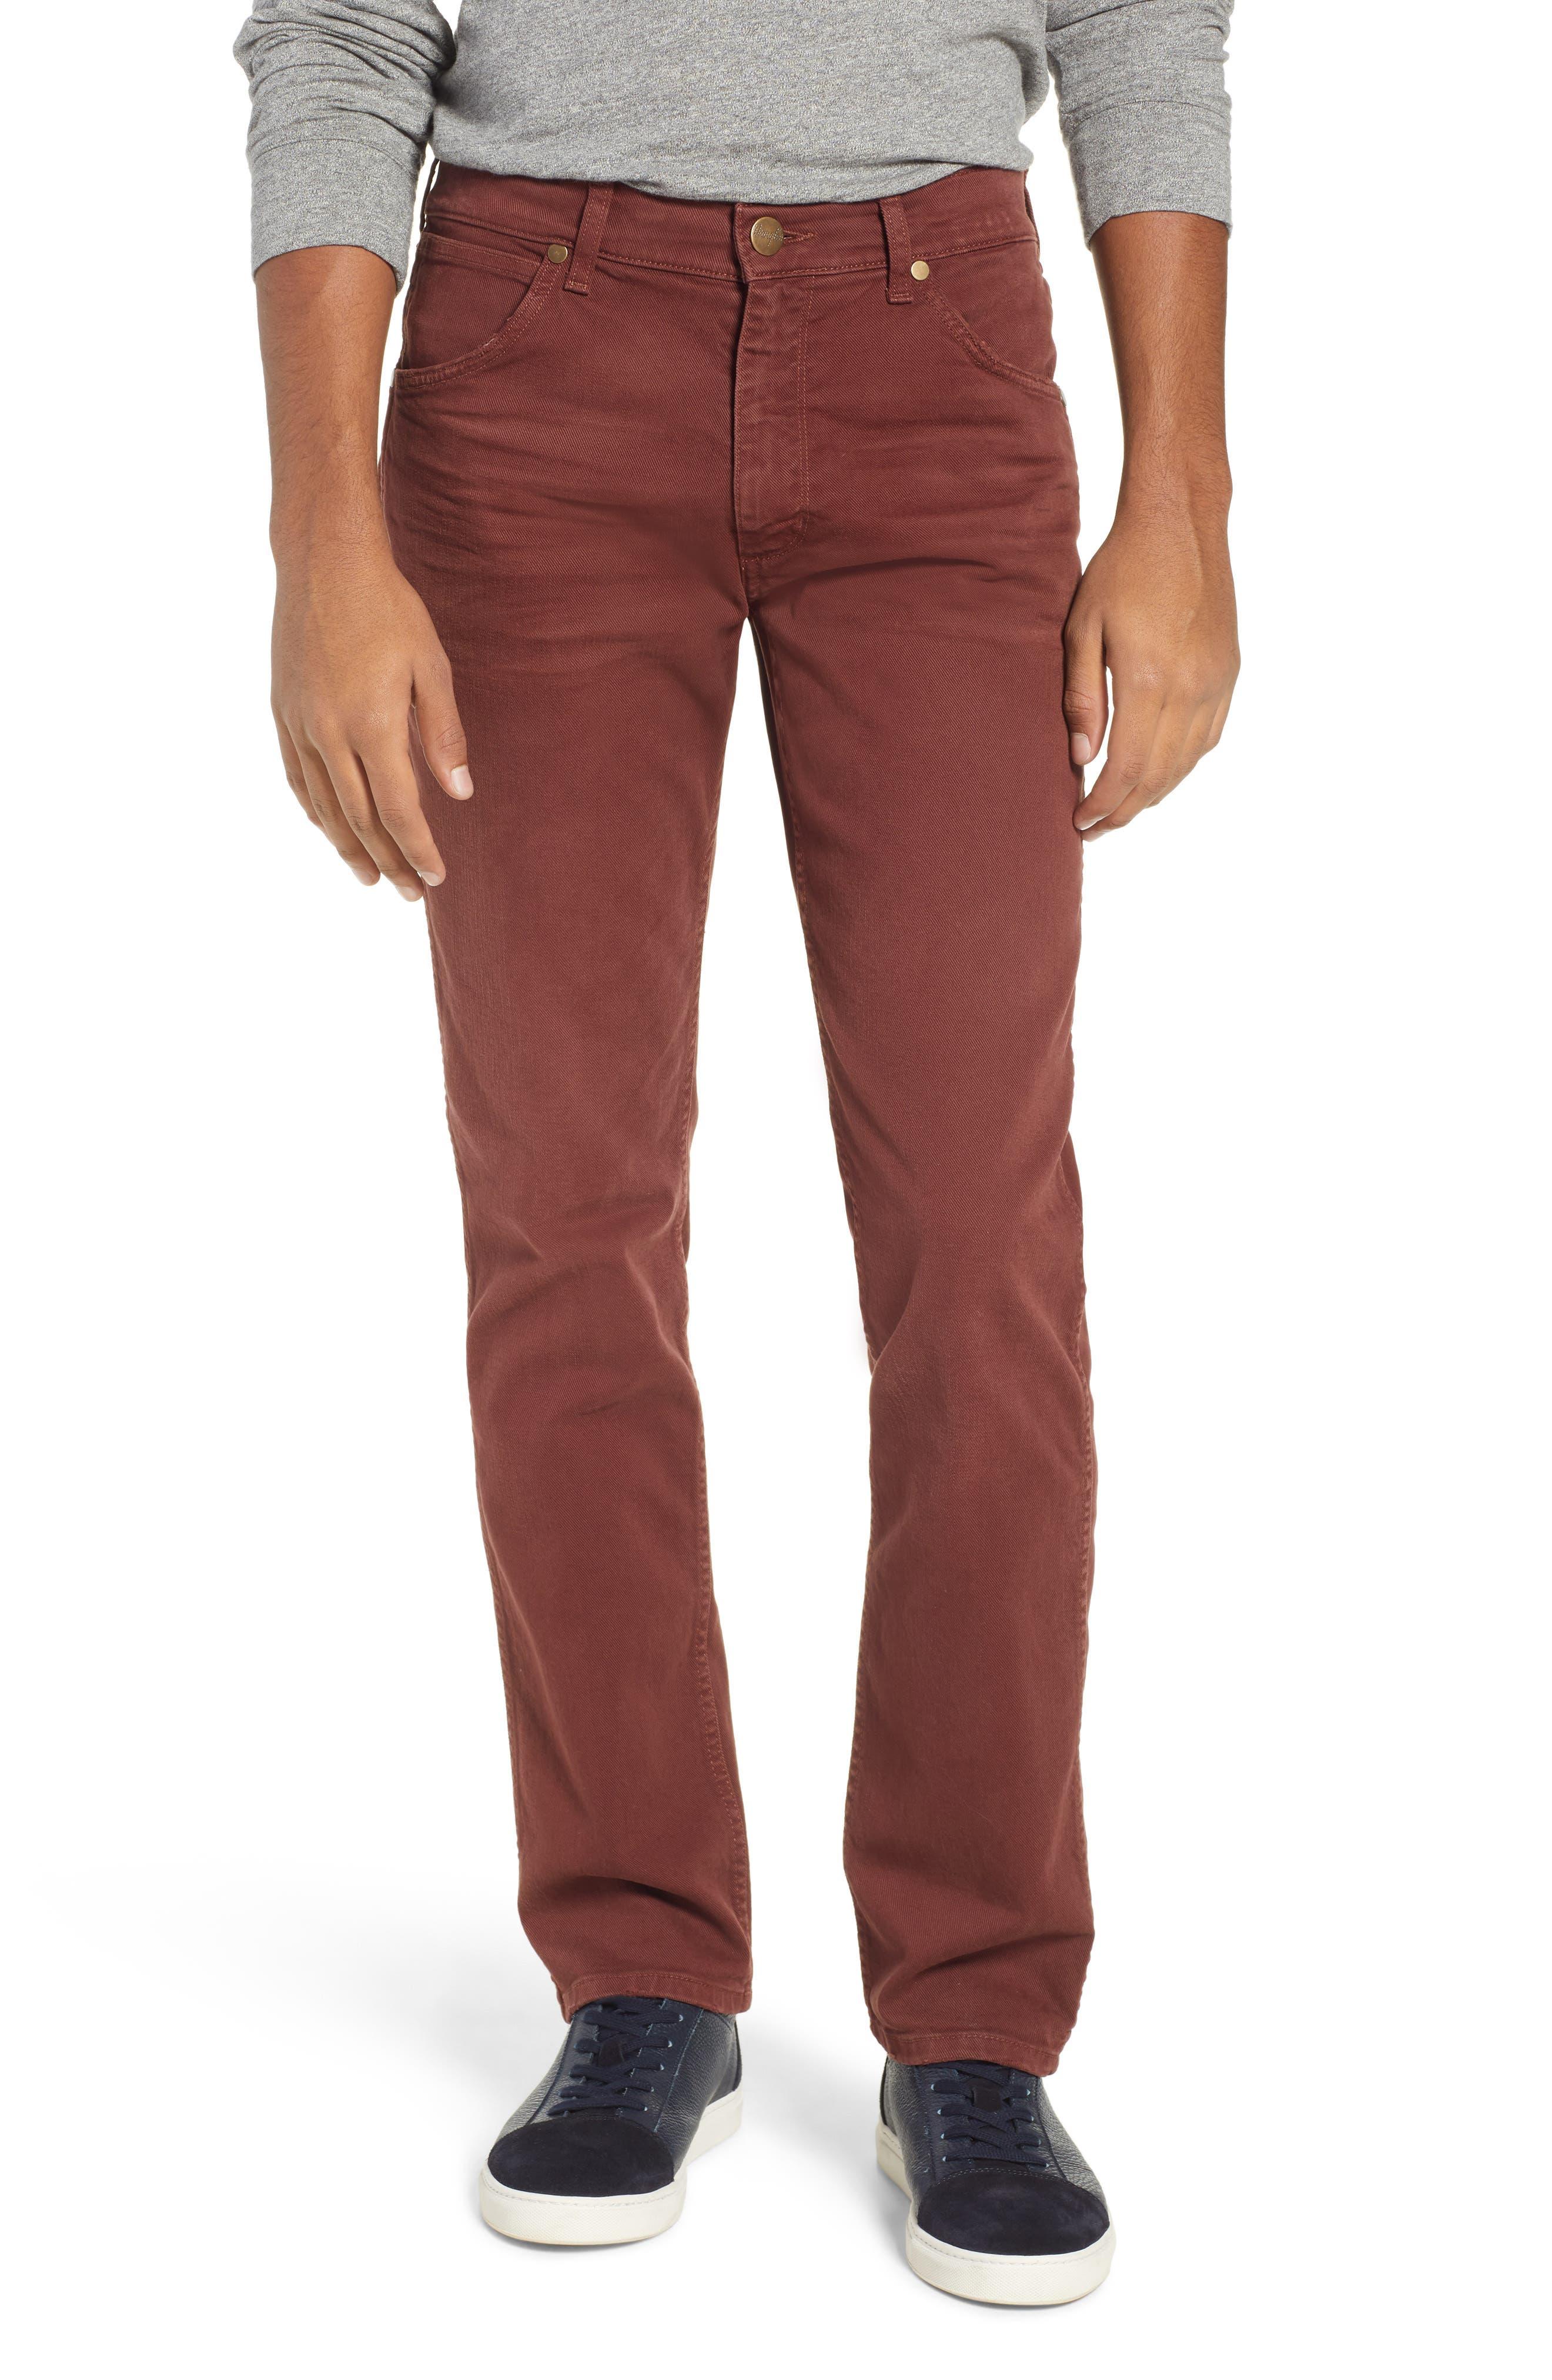 Greensboro Straight Leg Twill Pants,                             Main thumbnail 1, color,                             MAHOGANY RED